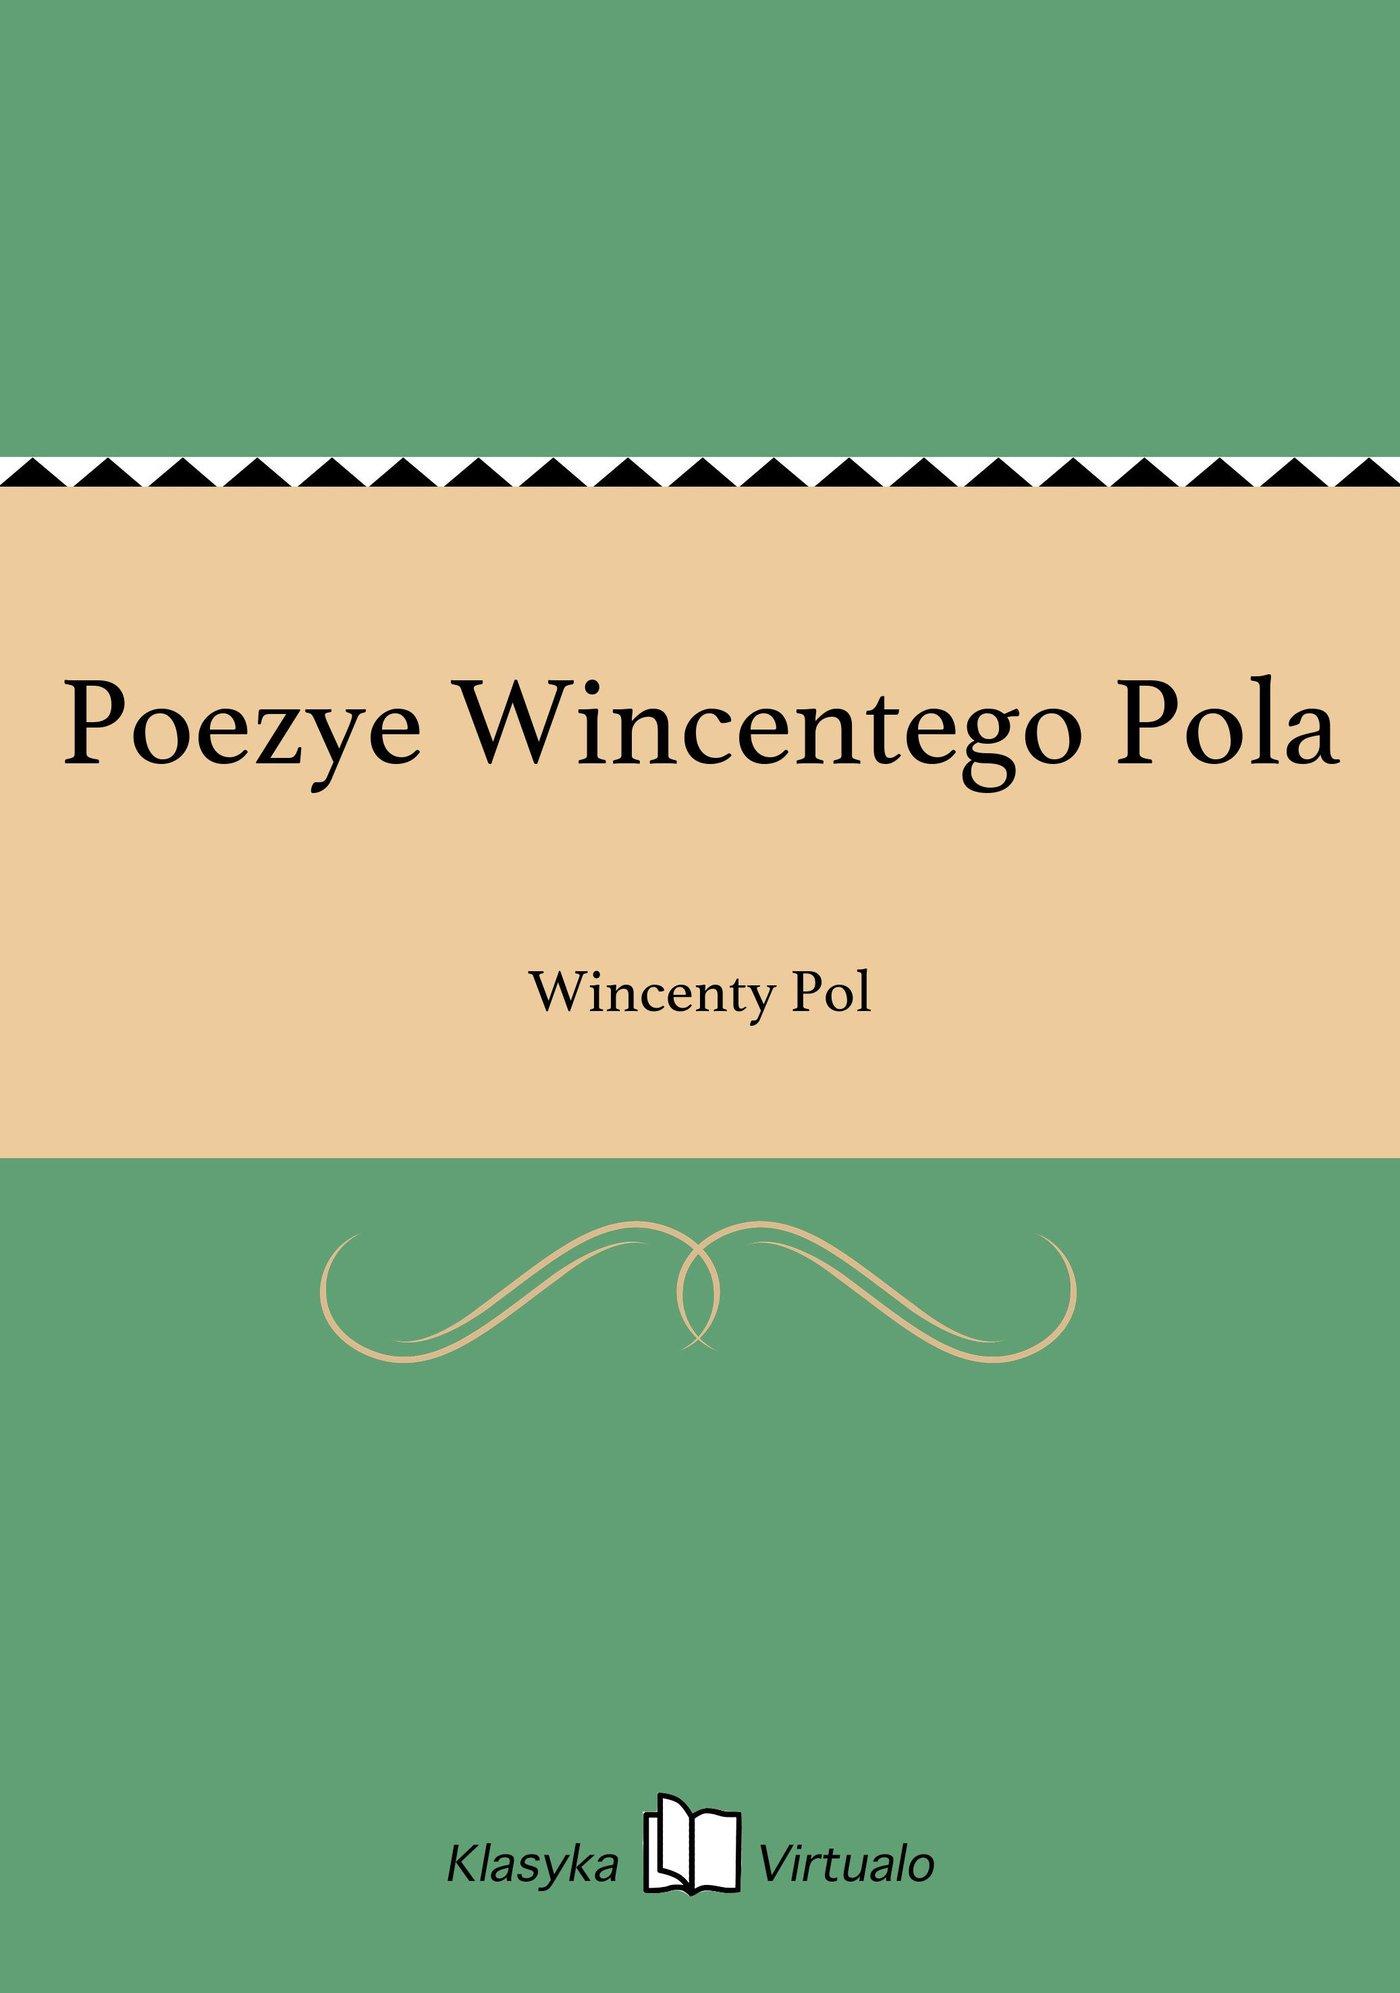 Poezye Wincentego Pola - Ebook (Książka EPUB) do pobrania w formacie EPUB